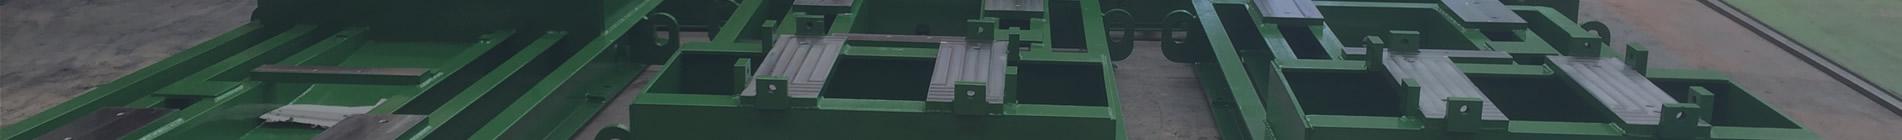 Metalezko piezen distentsionatzea bibrazio bidez